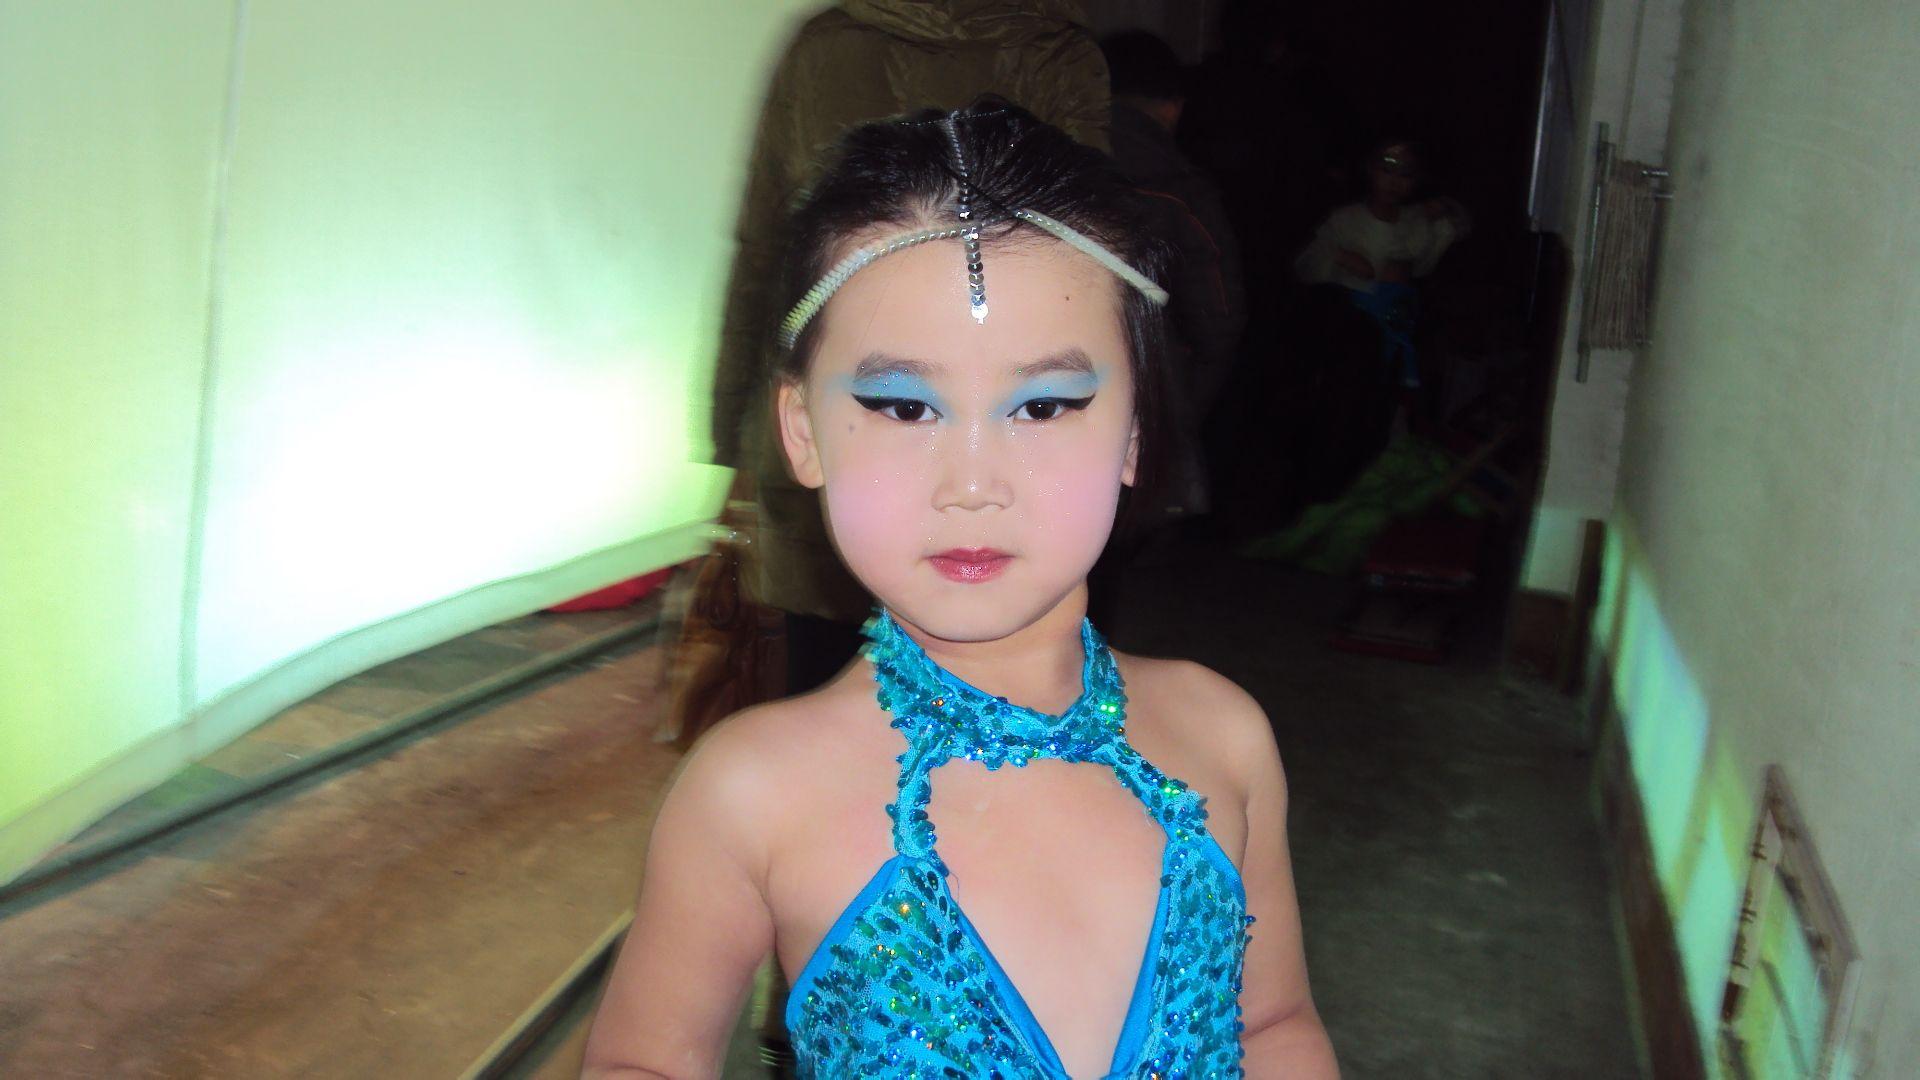 拉丁 舞比赛的穿着化妆注意事项 23 2011-05-02 拉丁 舞彩妆怎么画图片